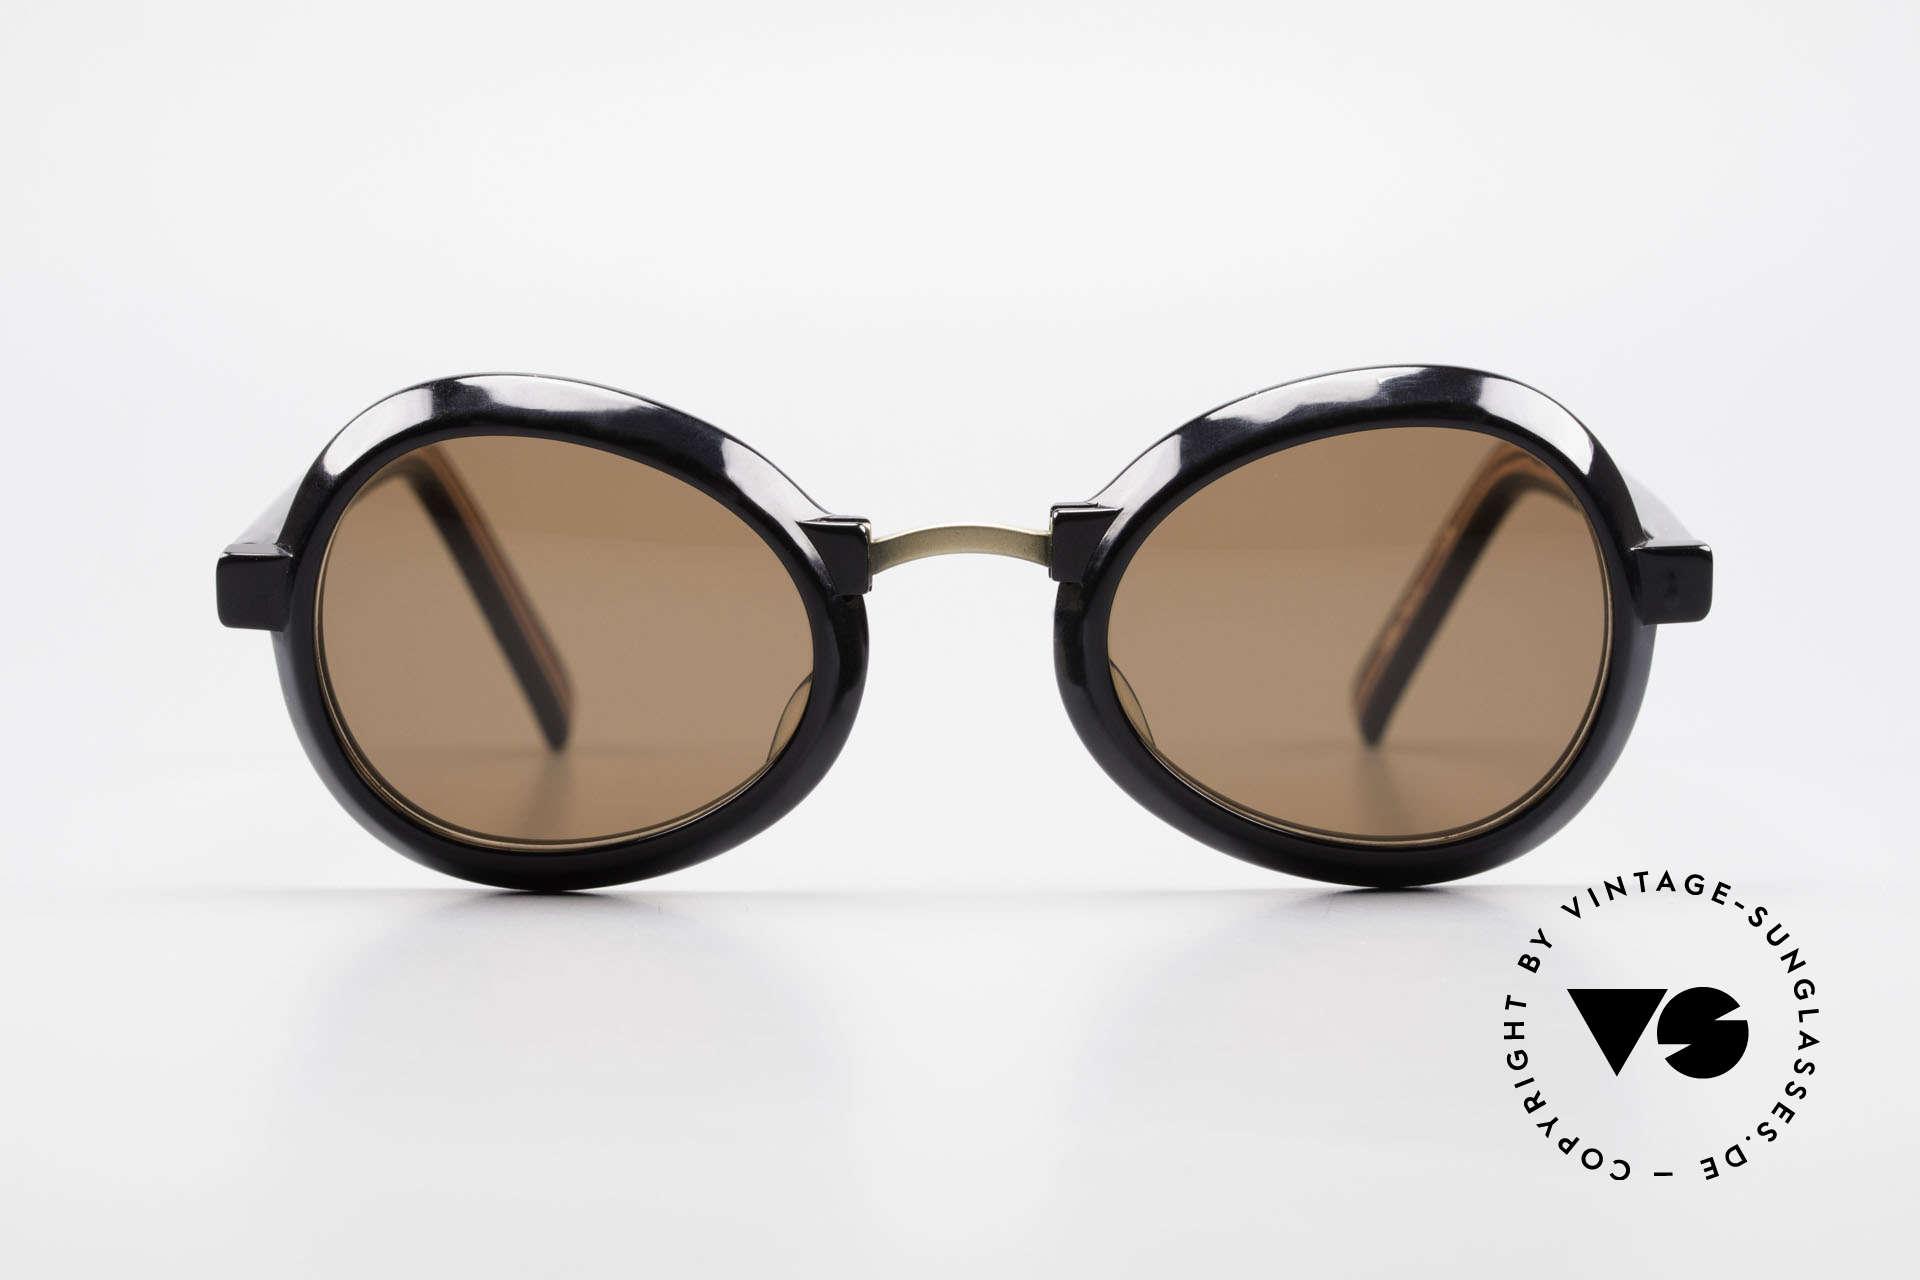 Jean Paul Gaultier 58-1274 Junior Gaultier Vintage Brille, einzigartige Kombination der Materialien im Design, Passend für Herren und Damen